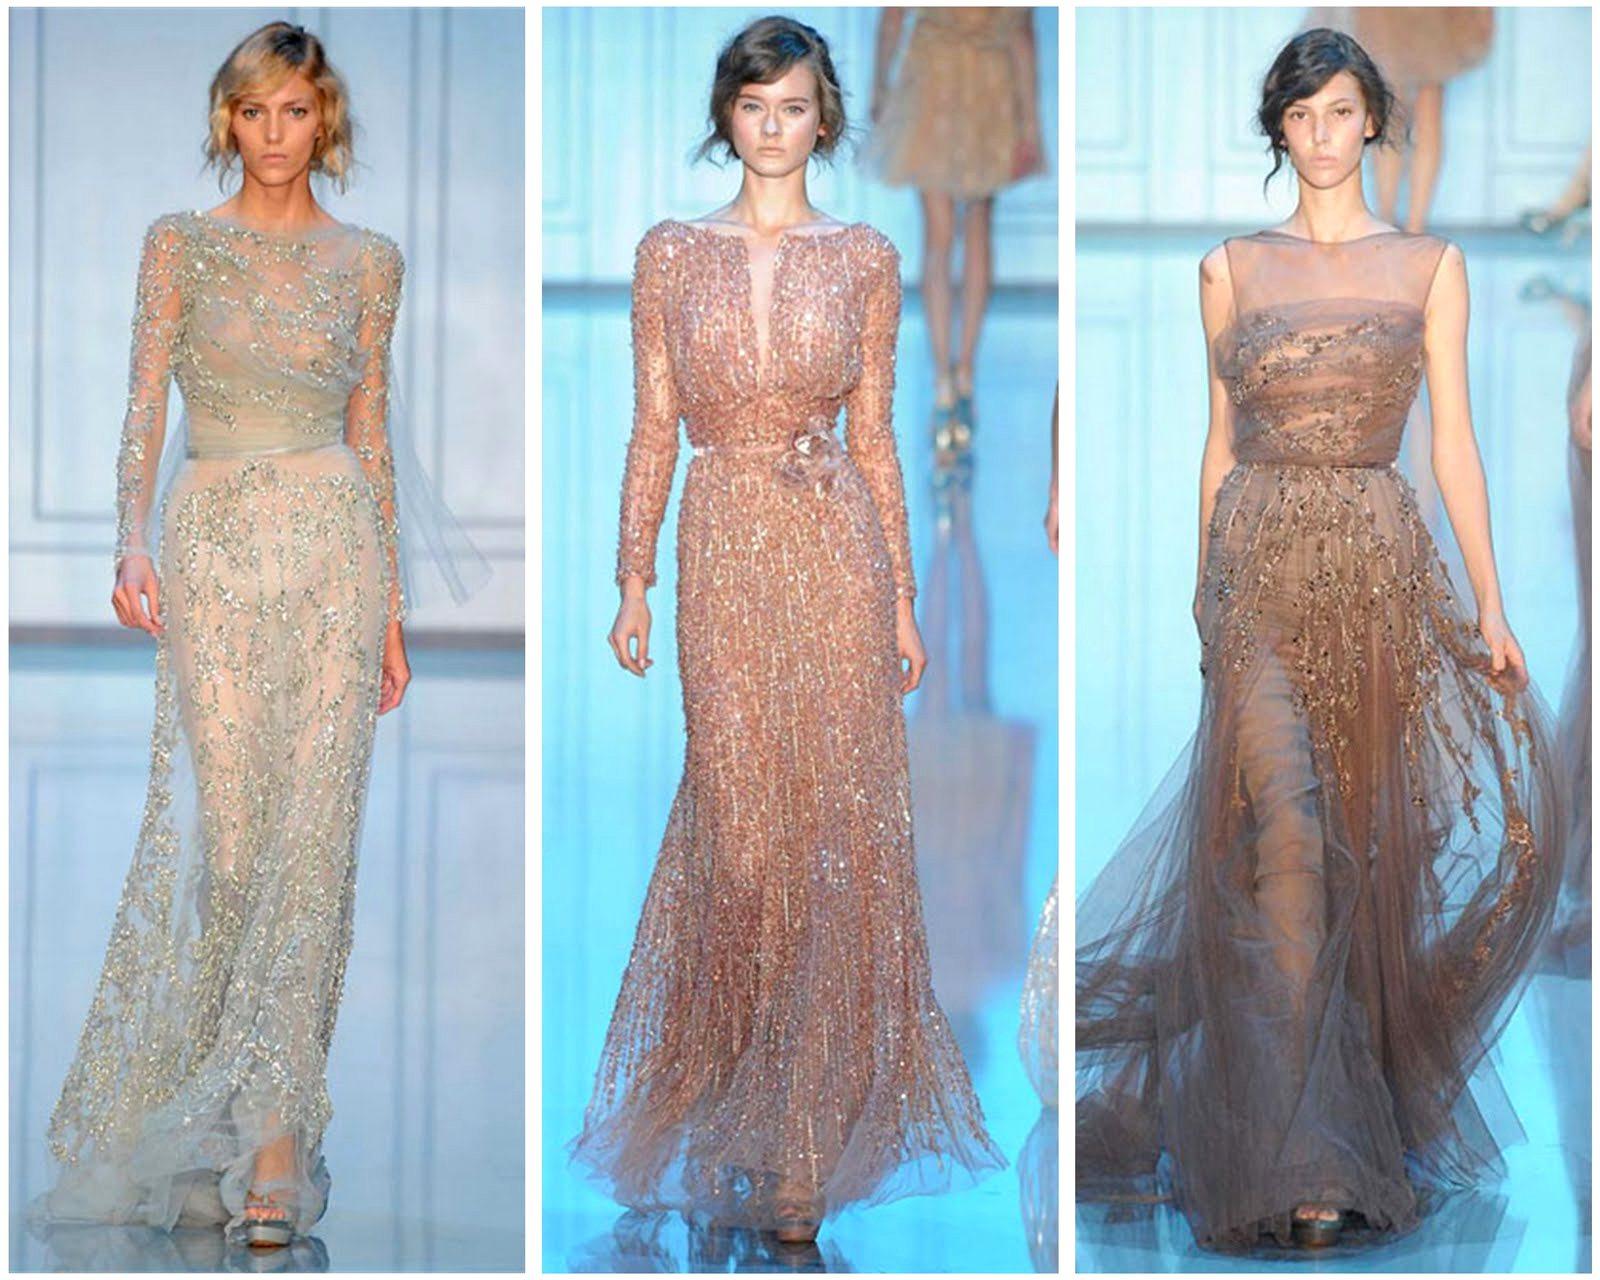 Vestido Longo   Blog de Moda e Look do dia - Decor e Salto